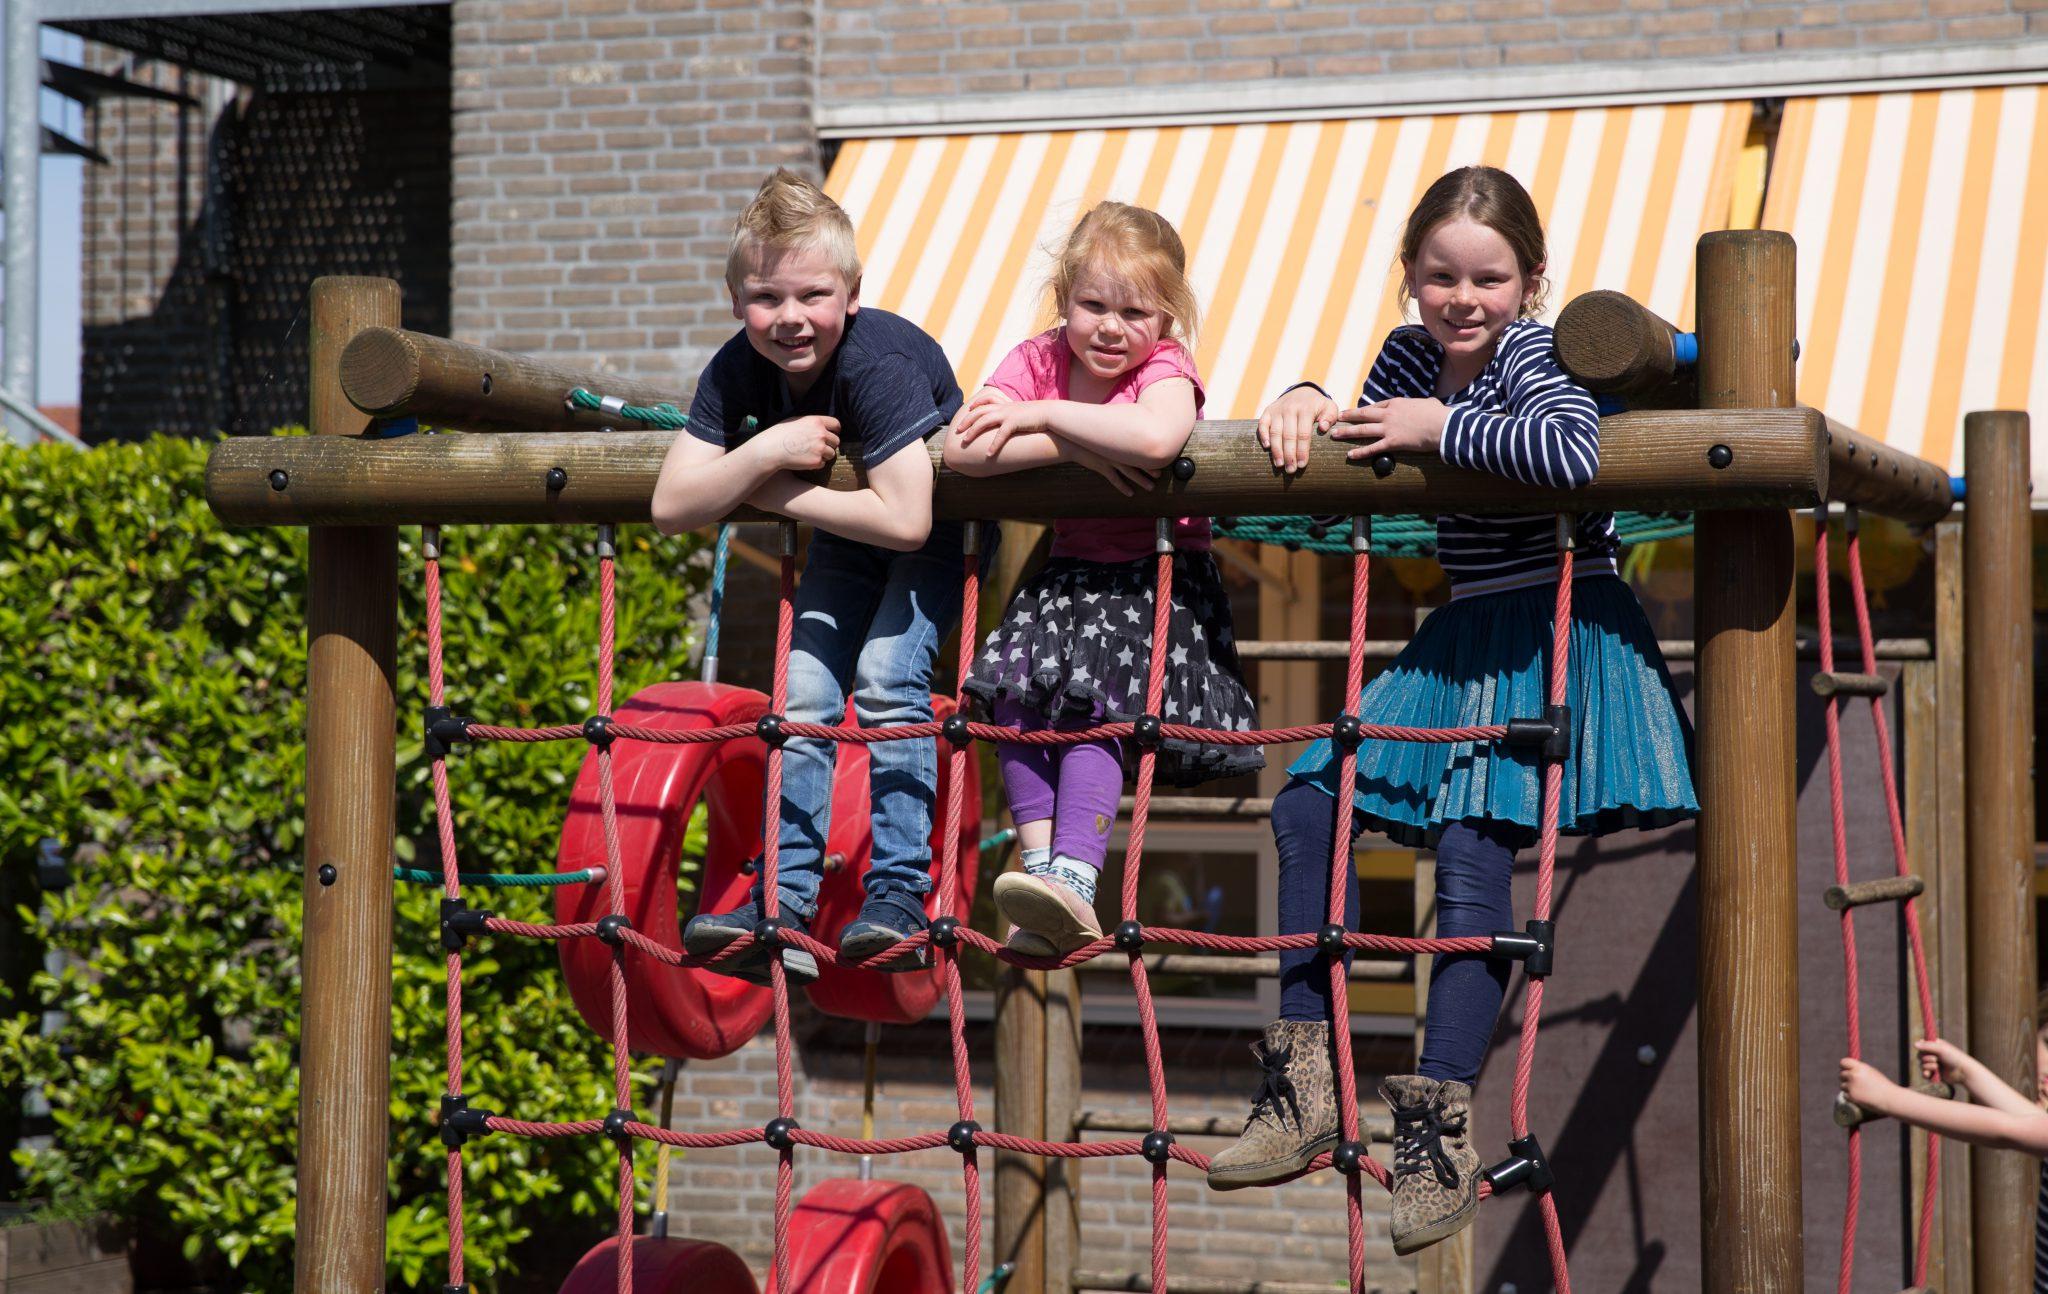 kinderen op klimrek